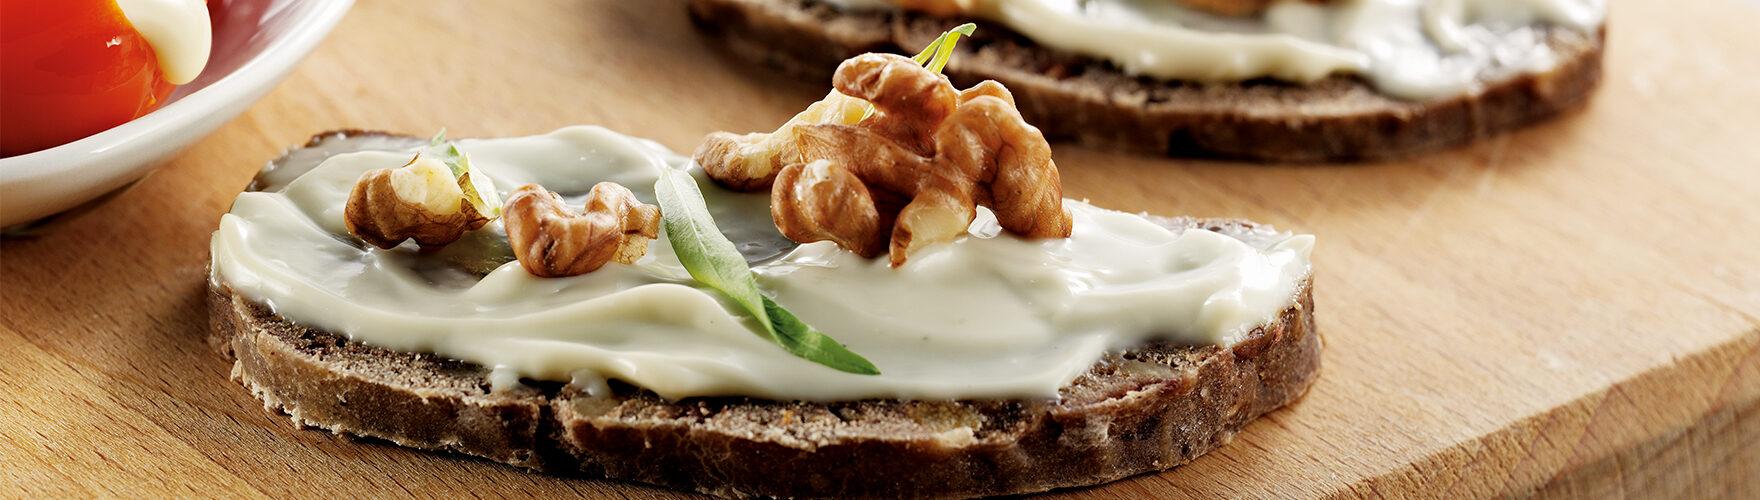 Gevulde sweetpeppers met blauwe kaas en kletzenbrood